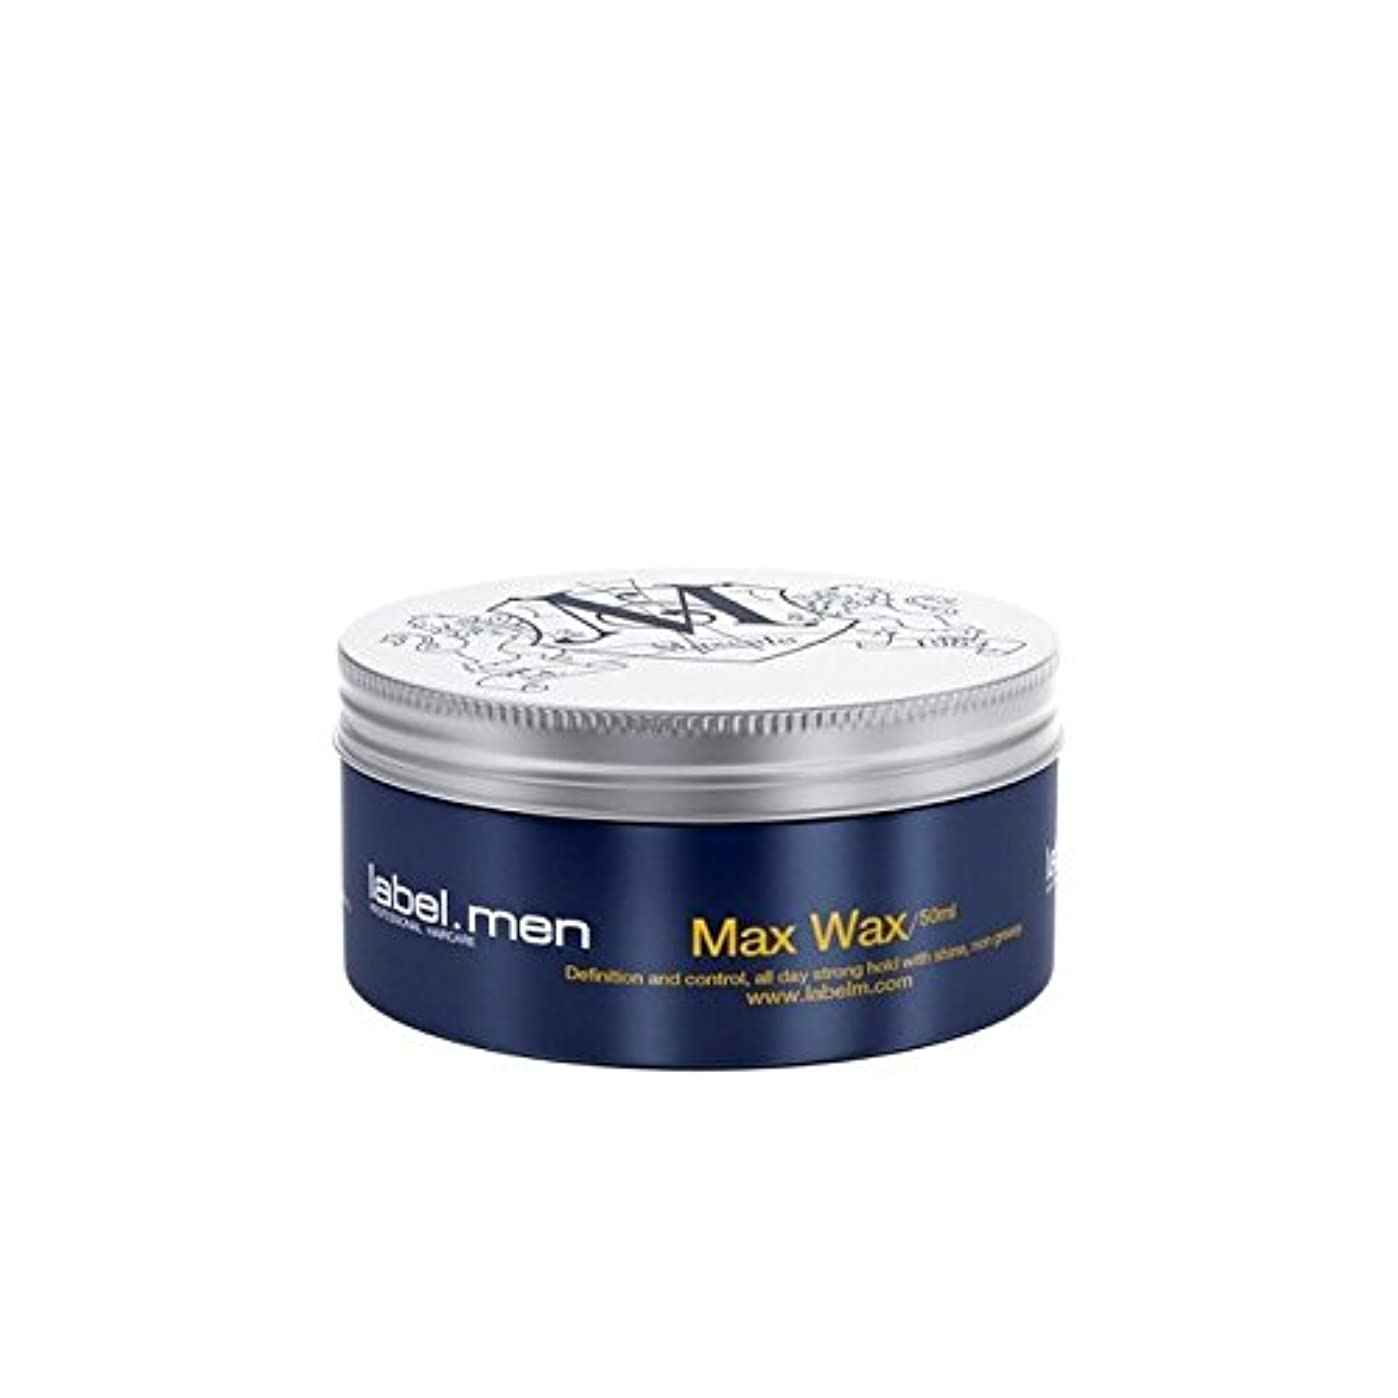 主人振幅ドロップLabel.Men Max Wax (50ml) - .マックスワックス(50ミリリットル) [並行輸入品]